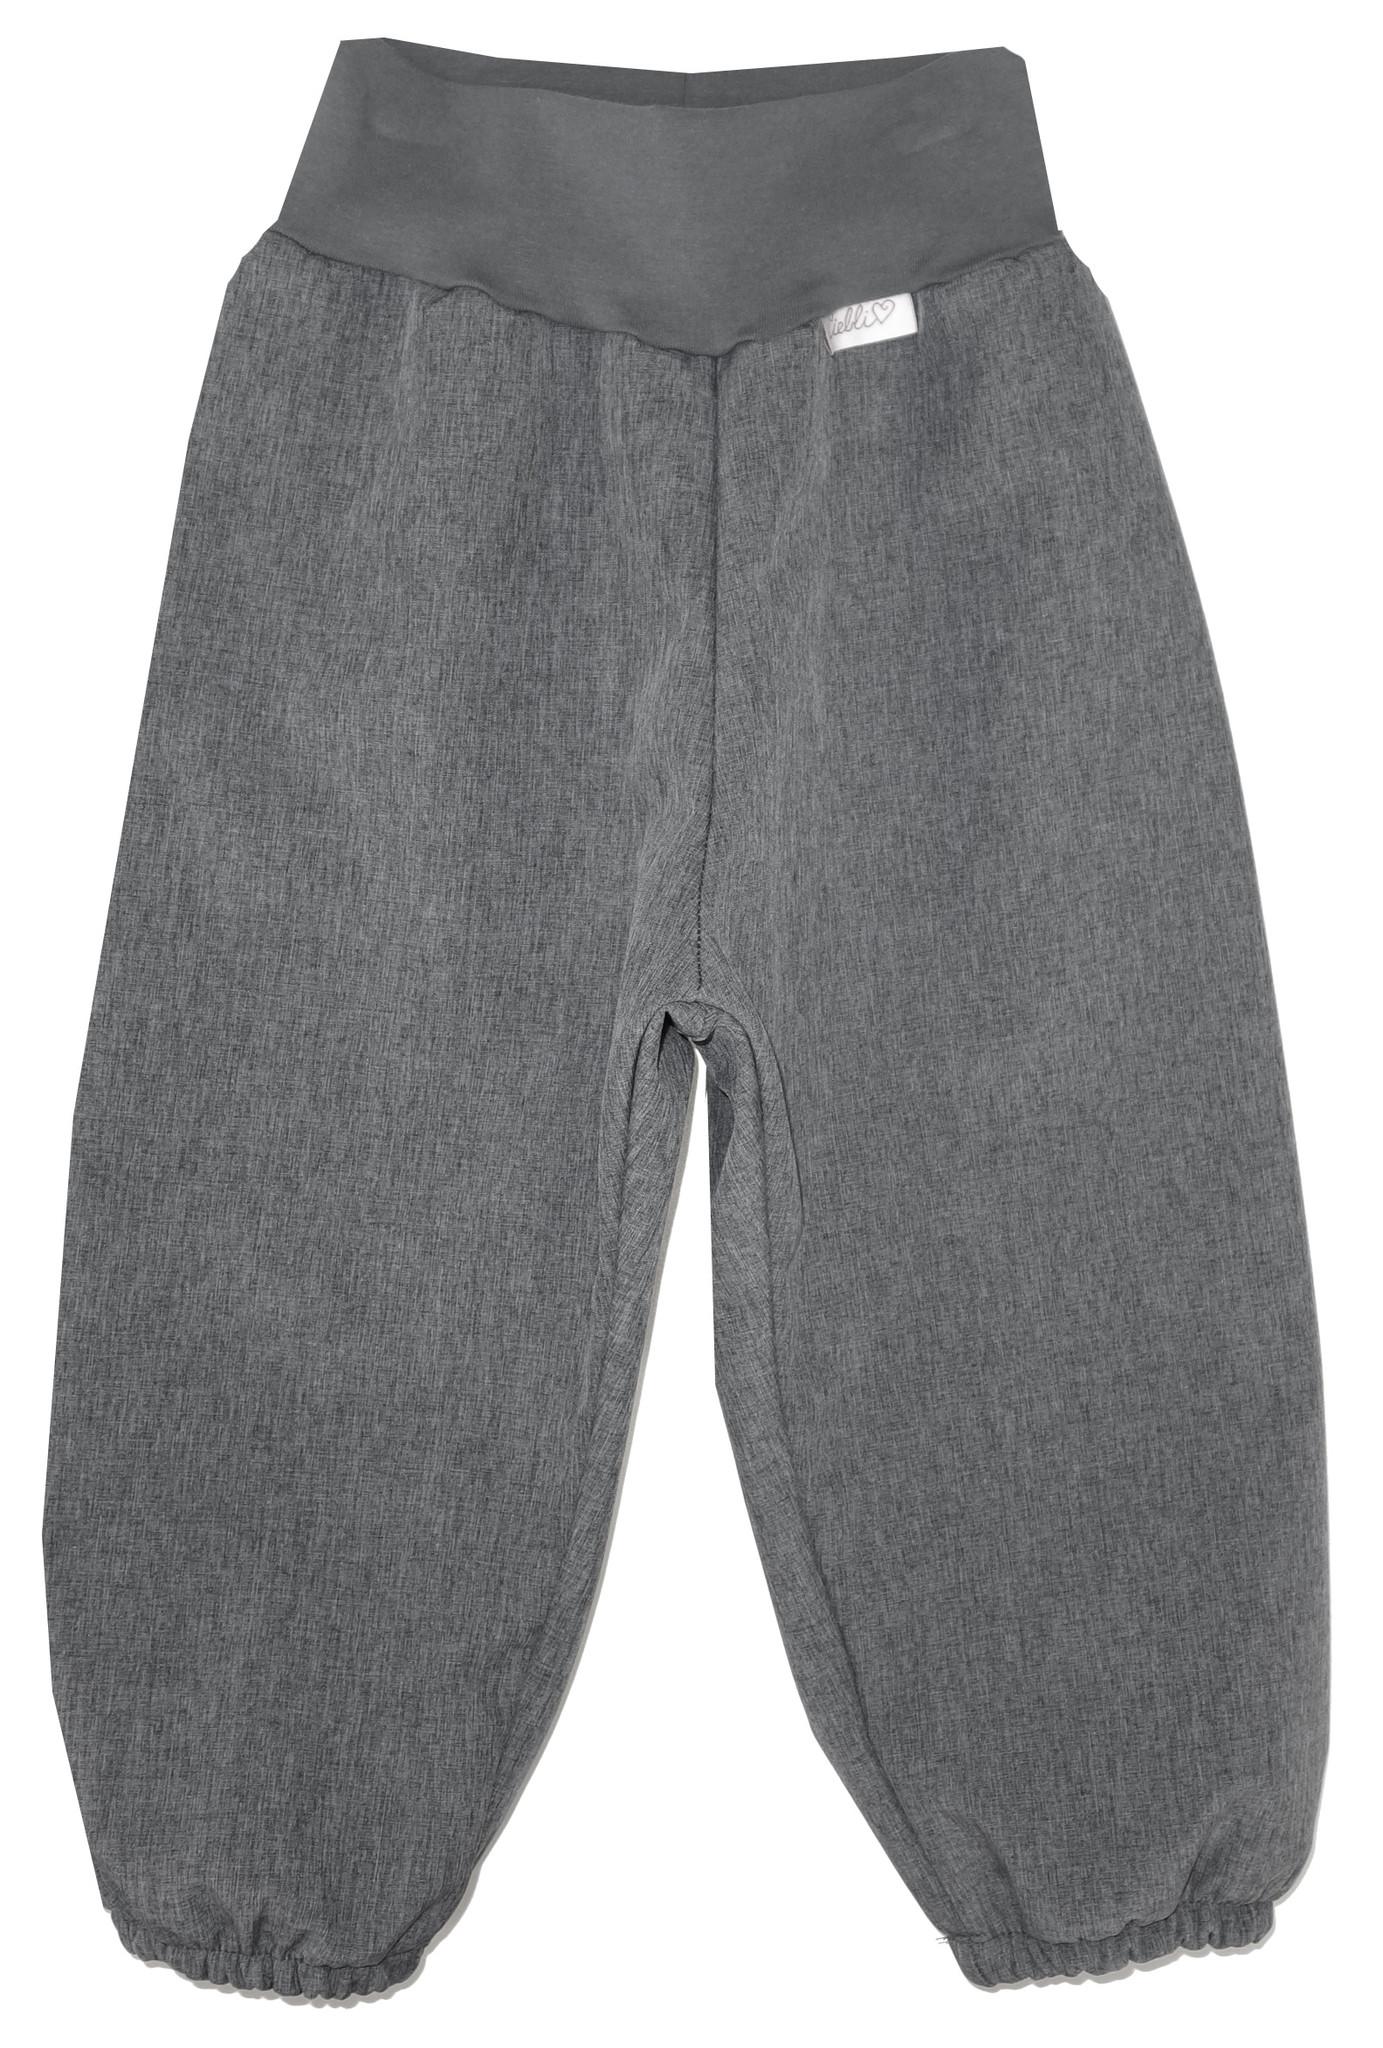 Softshell Hose für Kinder, Outdoor Hose, Regenhose grau